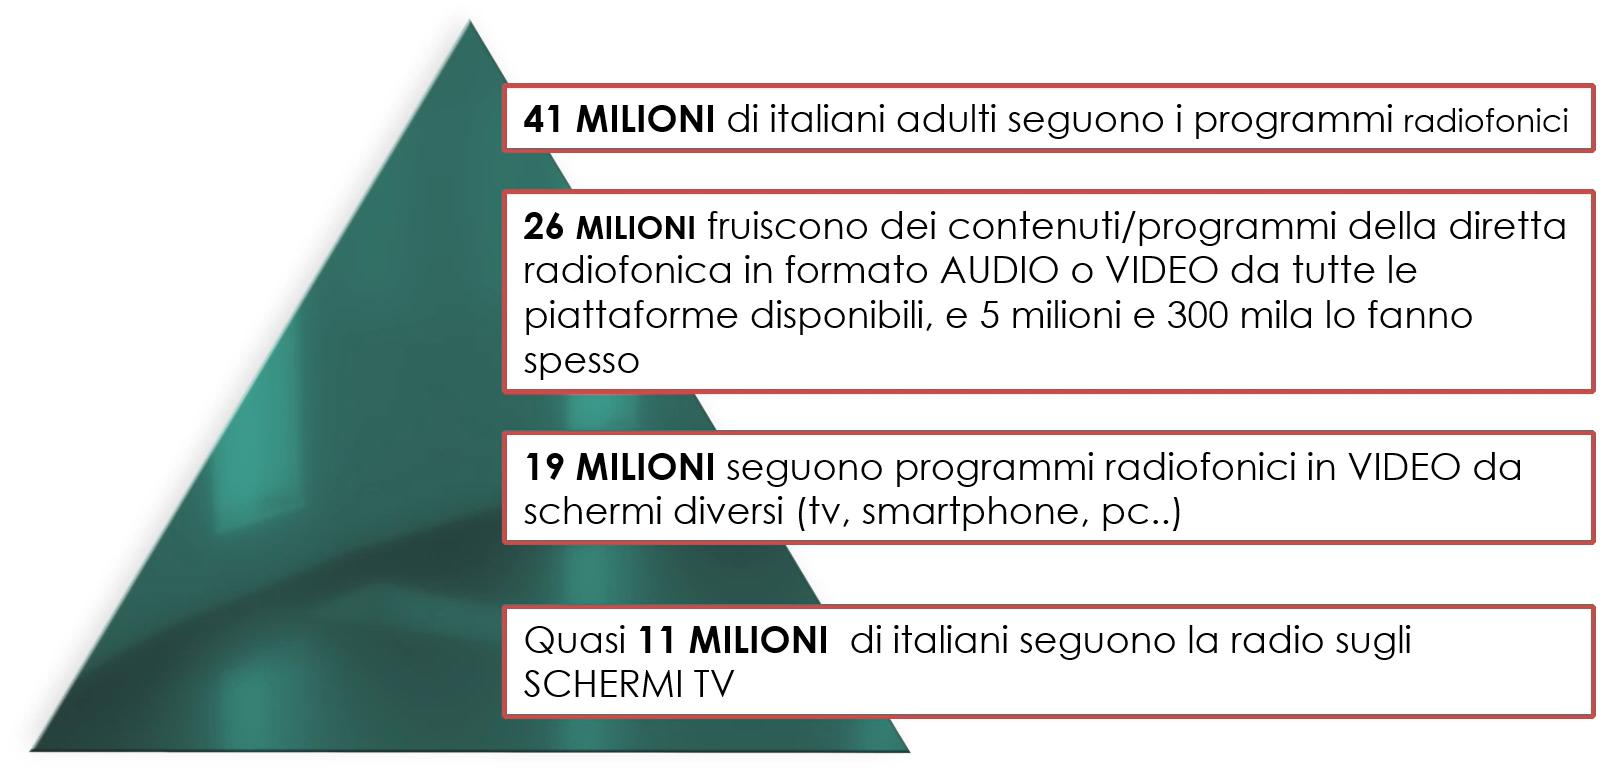 Censis Radiovisione 01